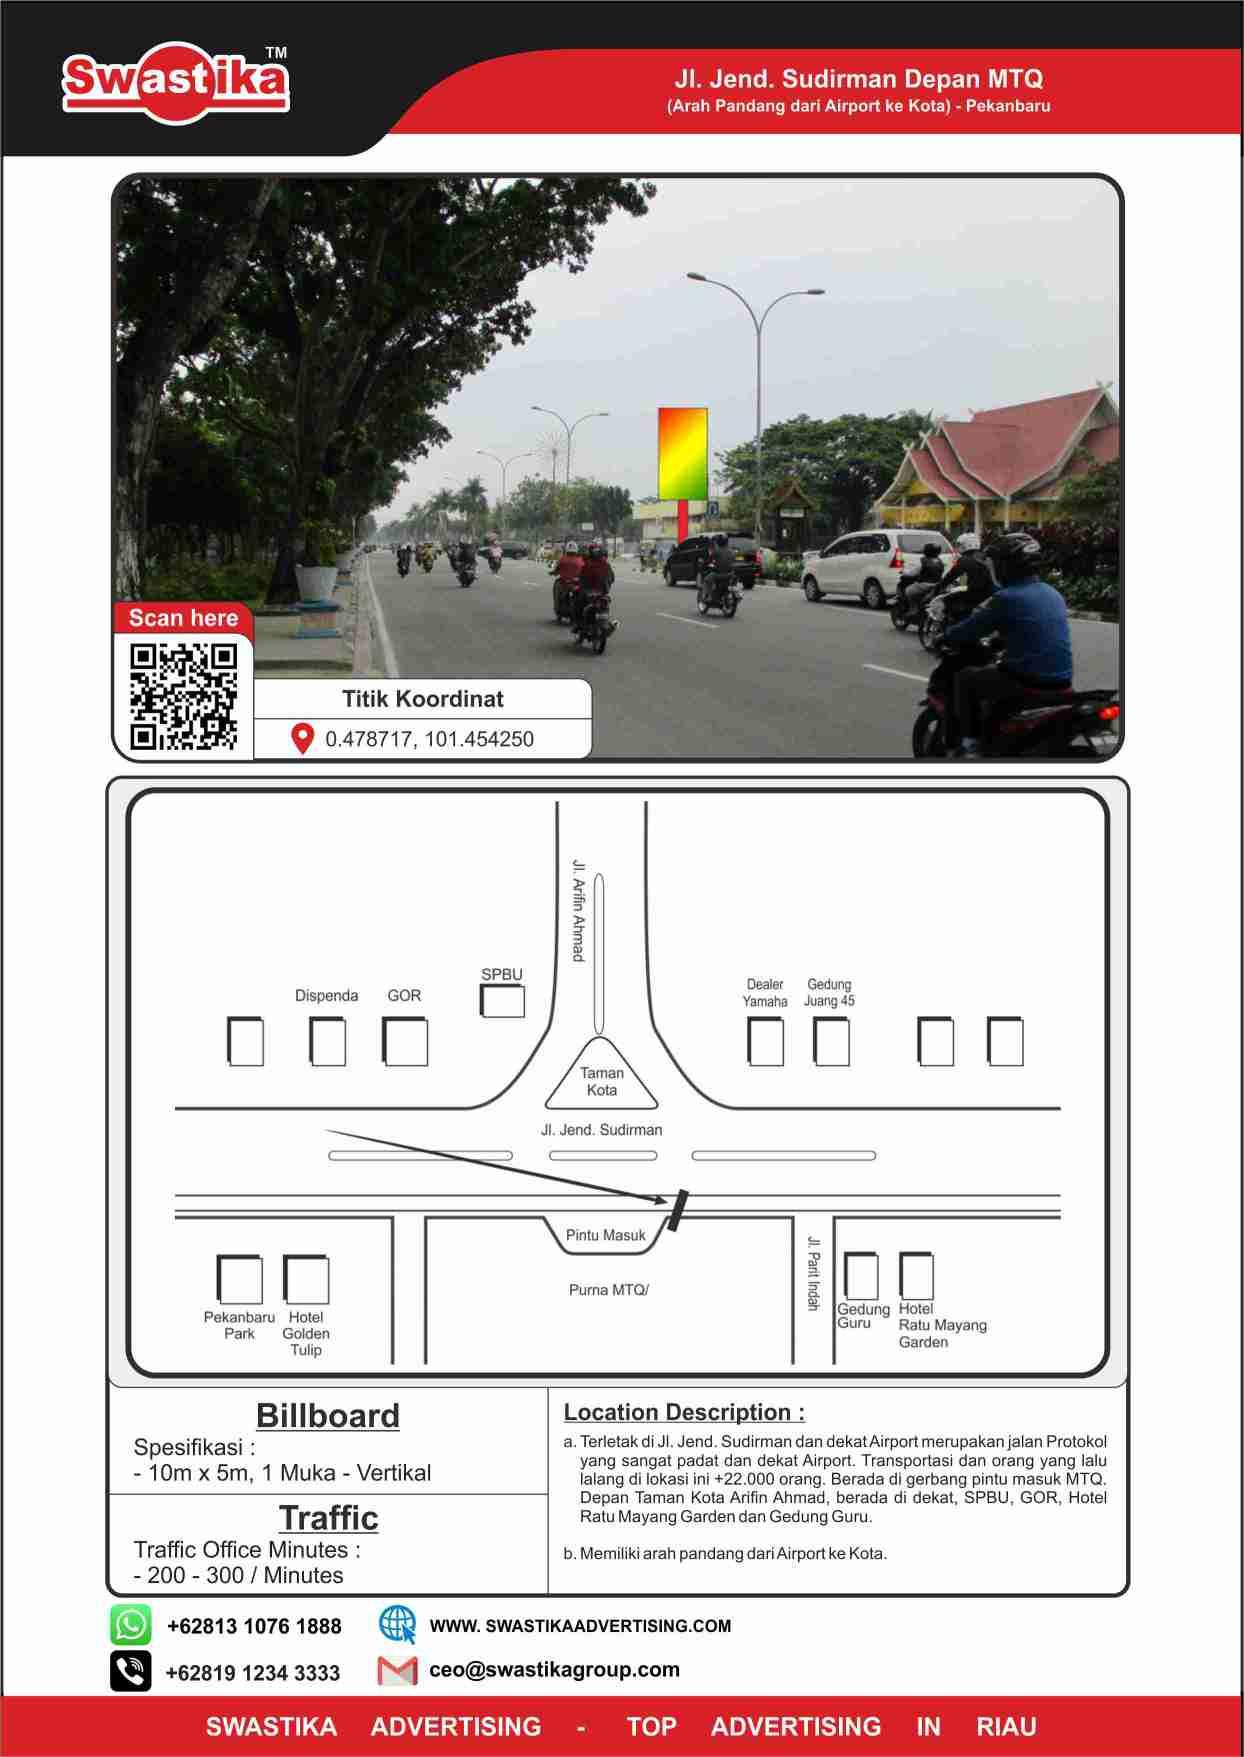 Jl Jend Sudirman dpn MTQ